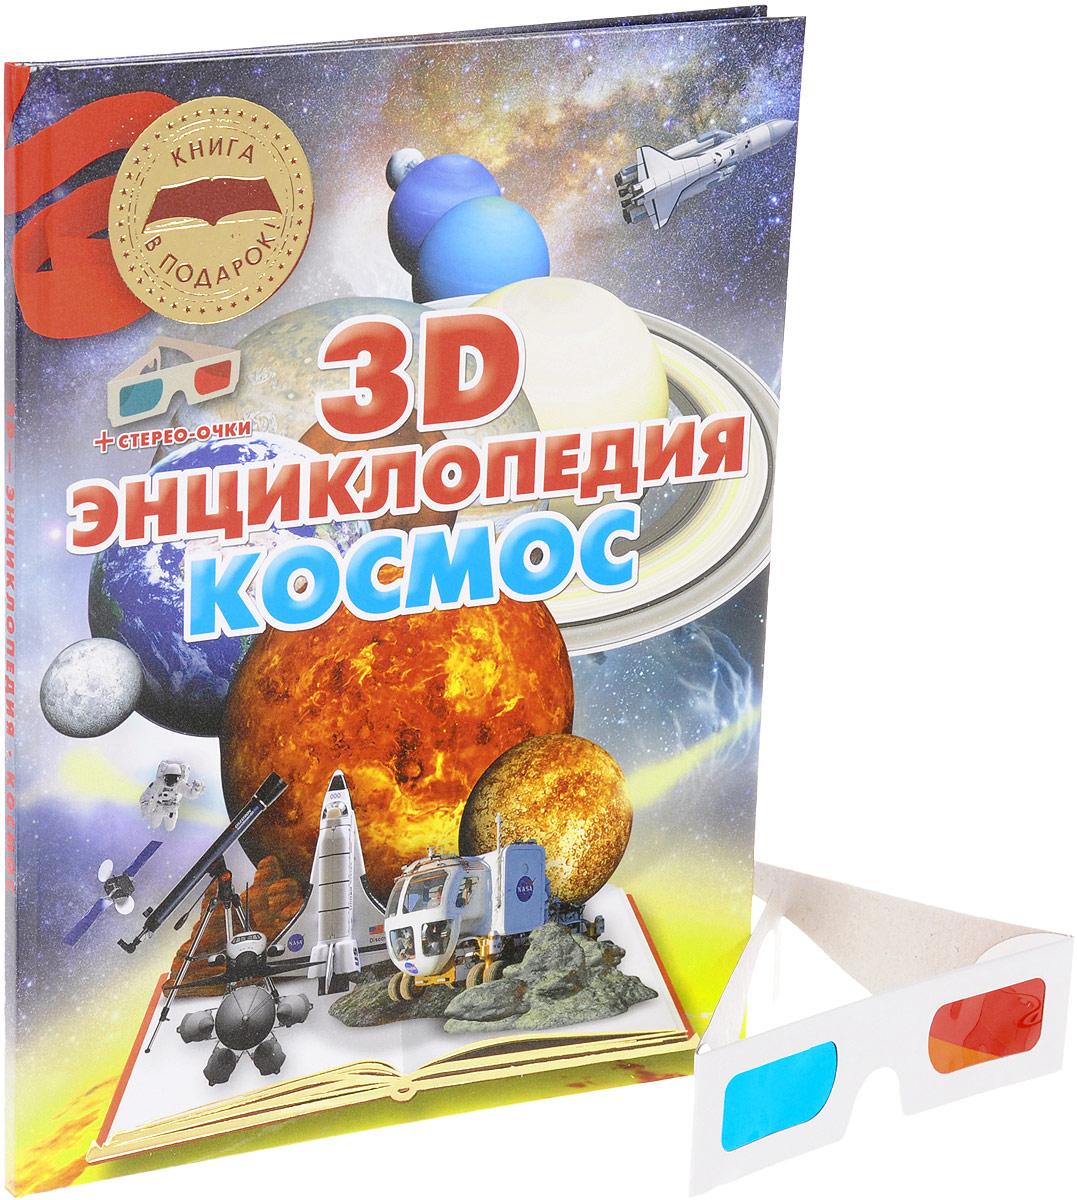 Космос. 3D-энциклопедия (+ стерео-очки)